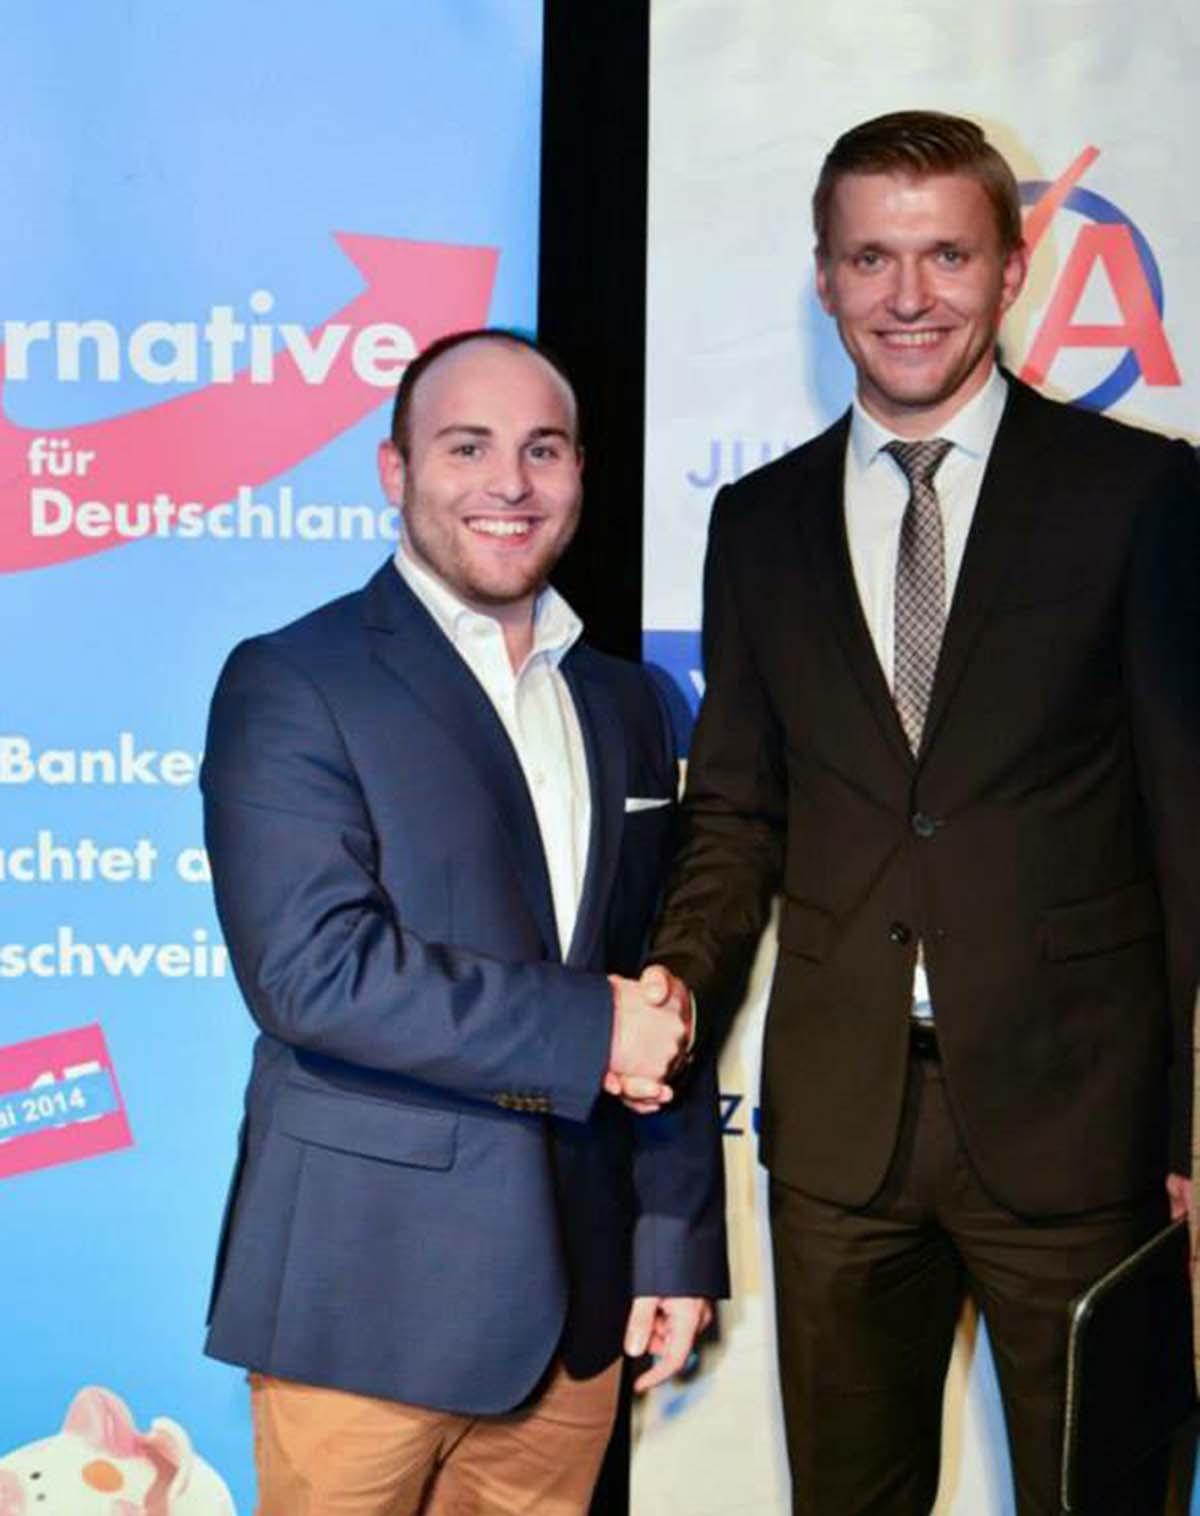 Кремлевская альтернатива для Германии: как изМосквы помогают немецким ультраправым политикам